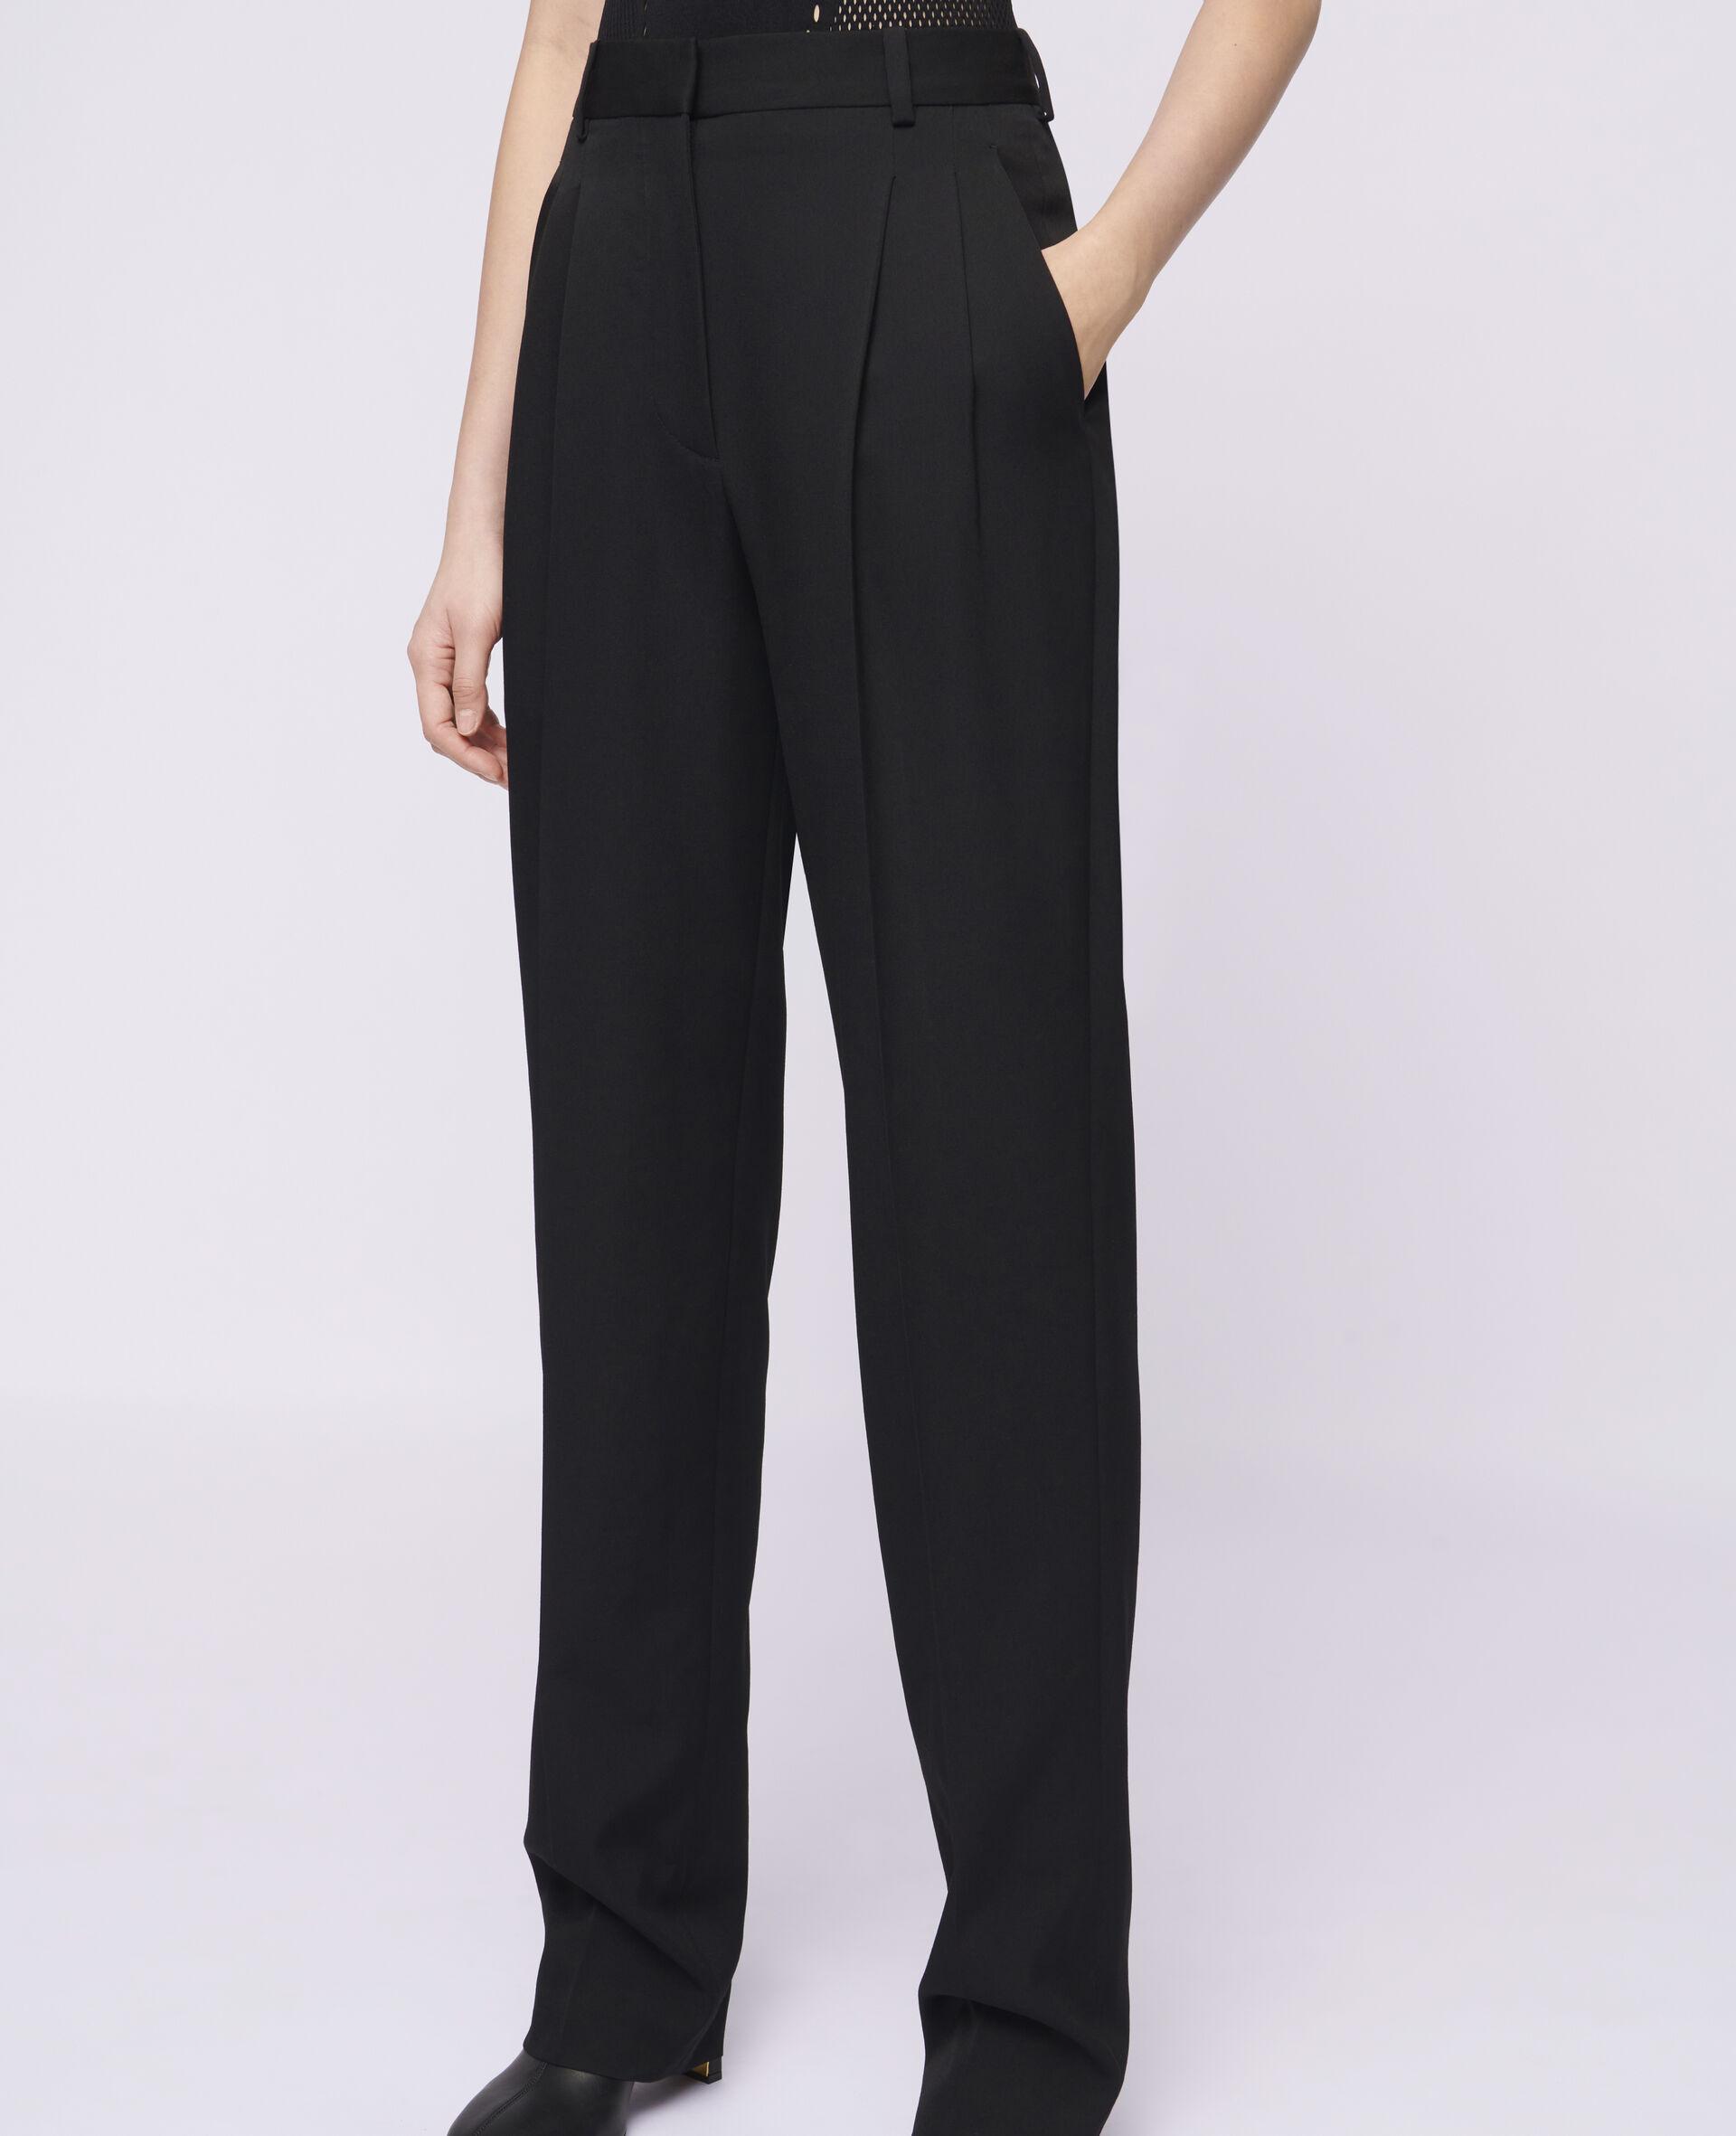 Pantaloni Lara in Lana-Nero-large image number 3